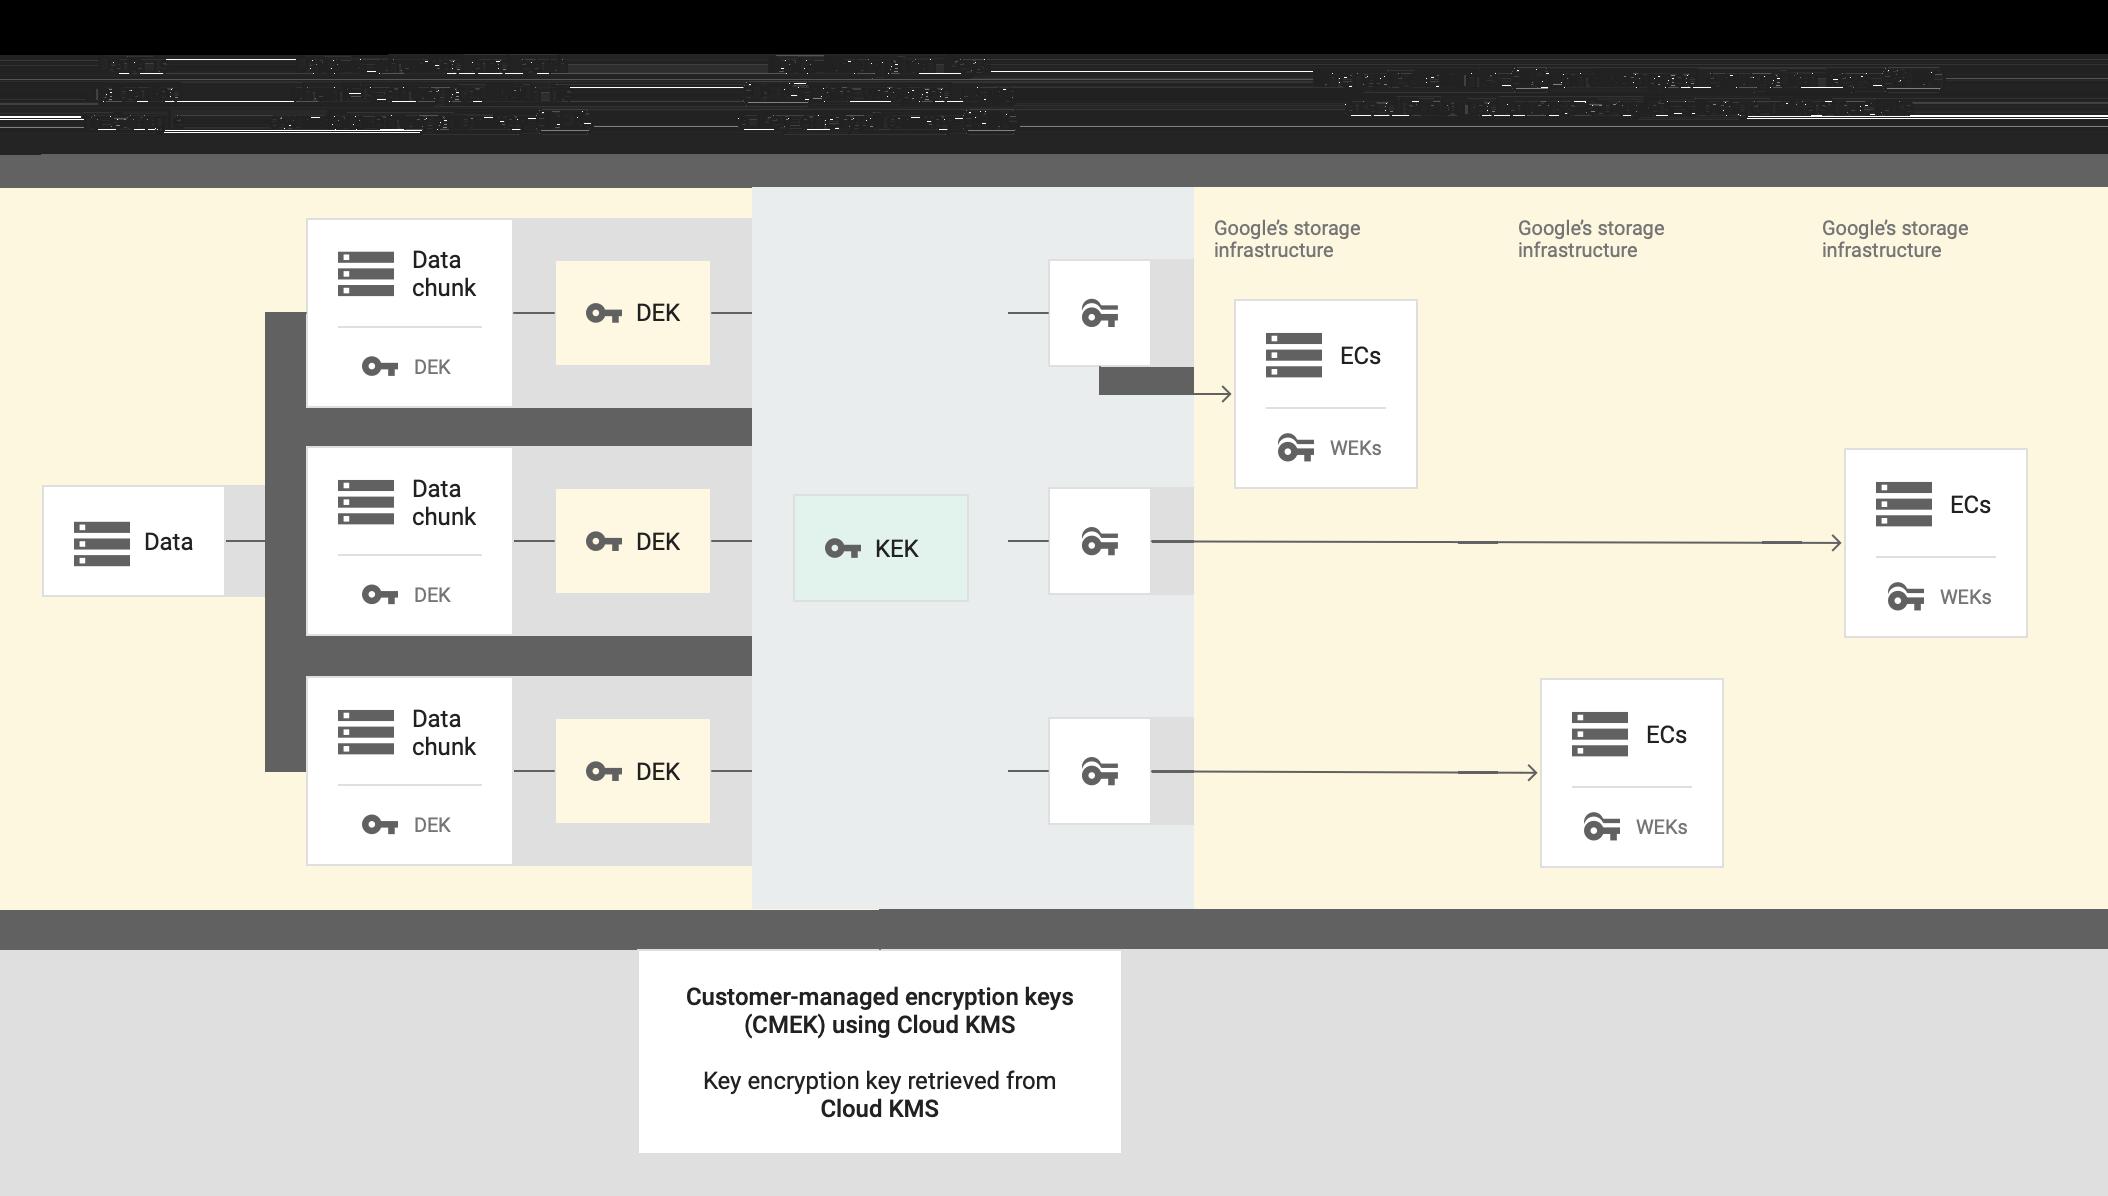 データは Google にアップロードされた後にチャンク化されます。各チャンクは独自のデータ暗号鍵で暗号化されます。データ暗号鍵は、鍵暗号鍵を使用してラップされます。Cloud KMS を使用する CMEK では、鍵暗号鍵が Cloud KMS から取得されます。暗号化されたチャンクとラップされた暗号鍵は、Google のストレージ インフラストラクチャ全体に分散されます。